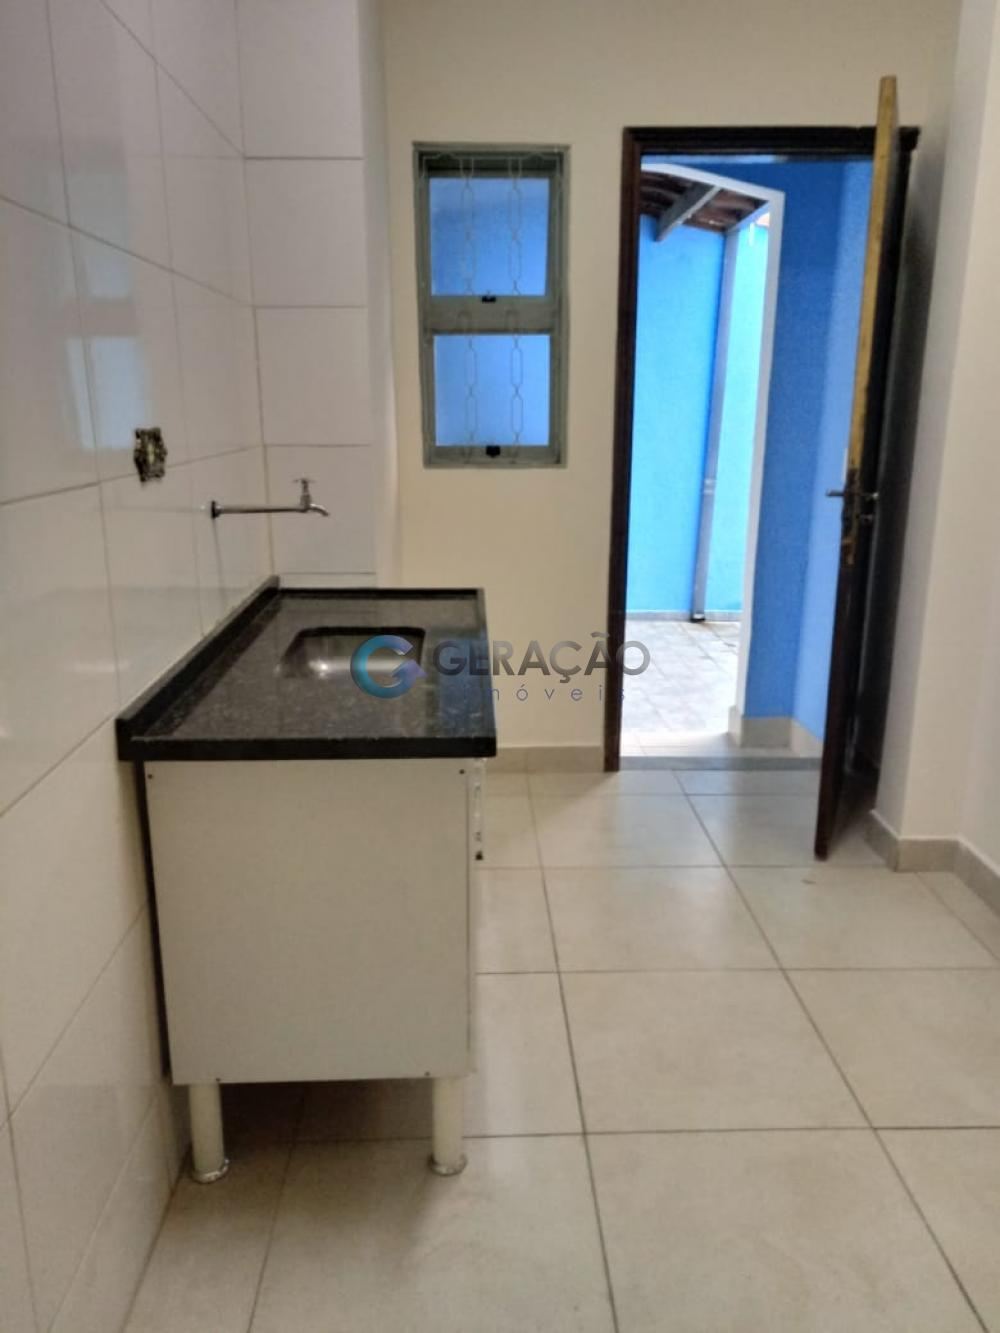 Alugar Comercial / Casa em São José dos Campos R$ 3.800,00 - Foto 17